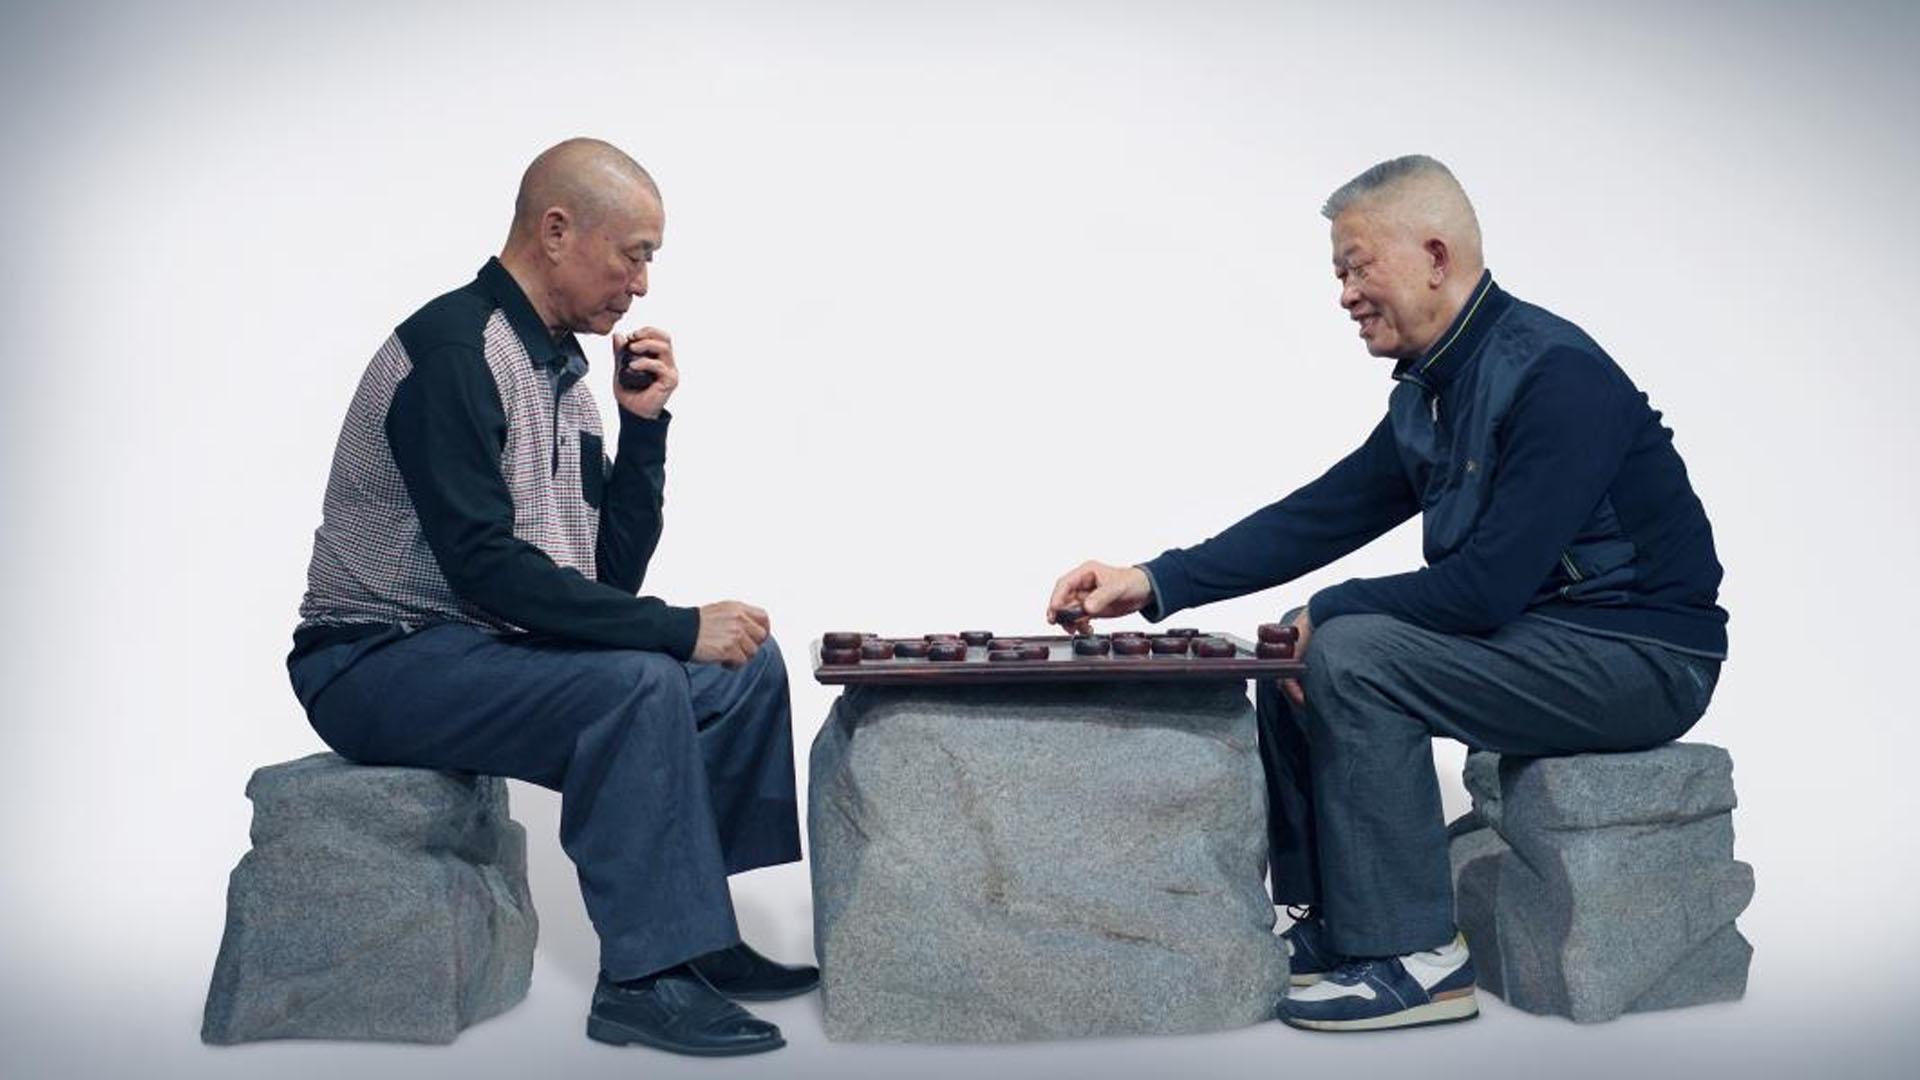 استنساخ من الشمع والفنان تشو Xuerong وشمعها الحمض النووي